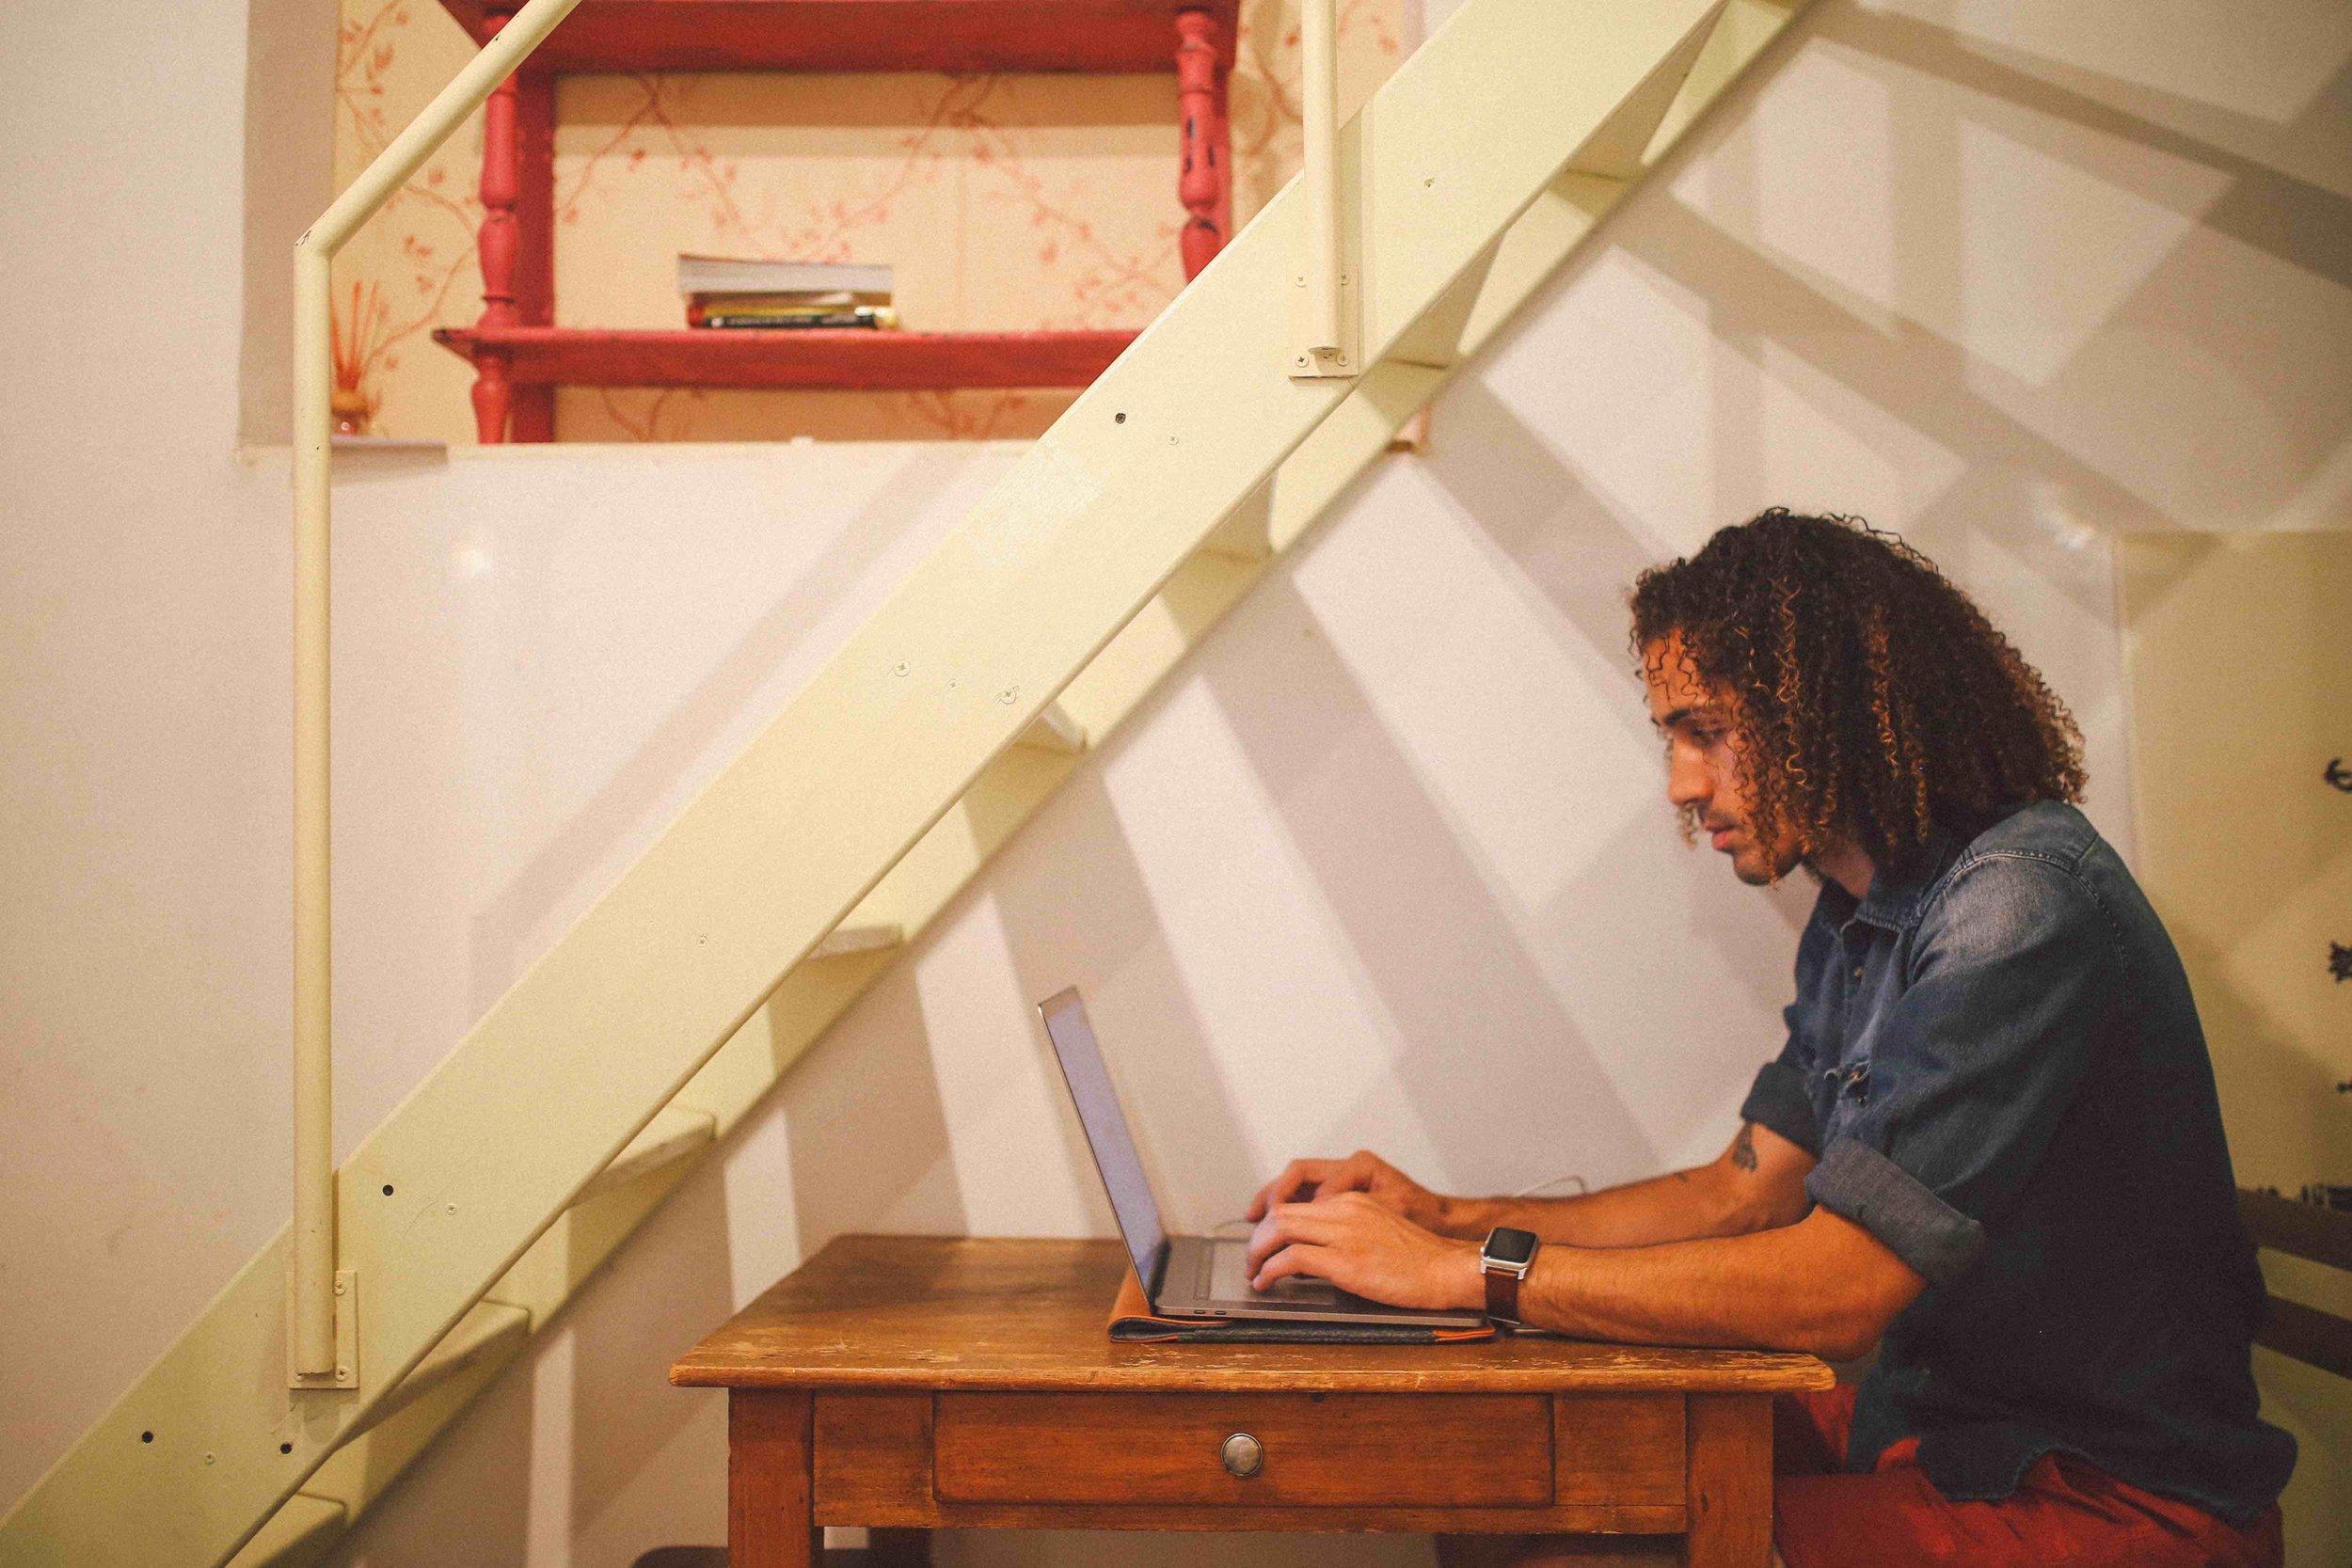 Digital Nomad on laptop